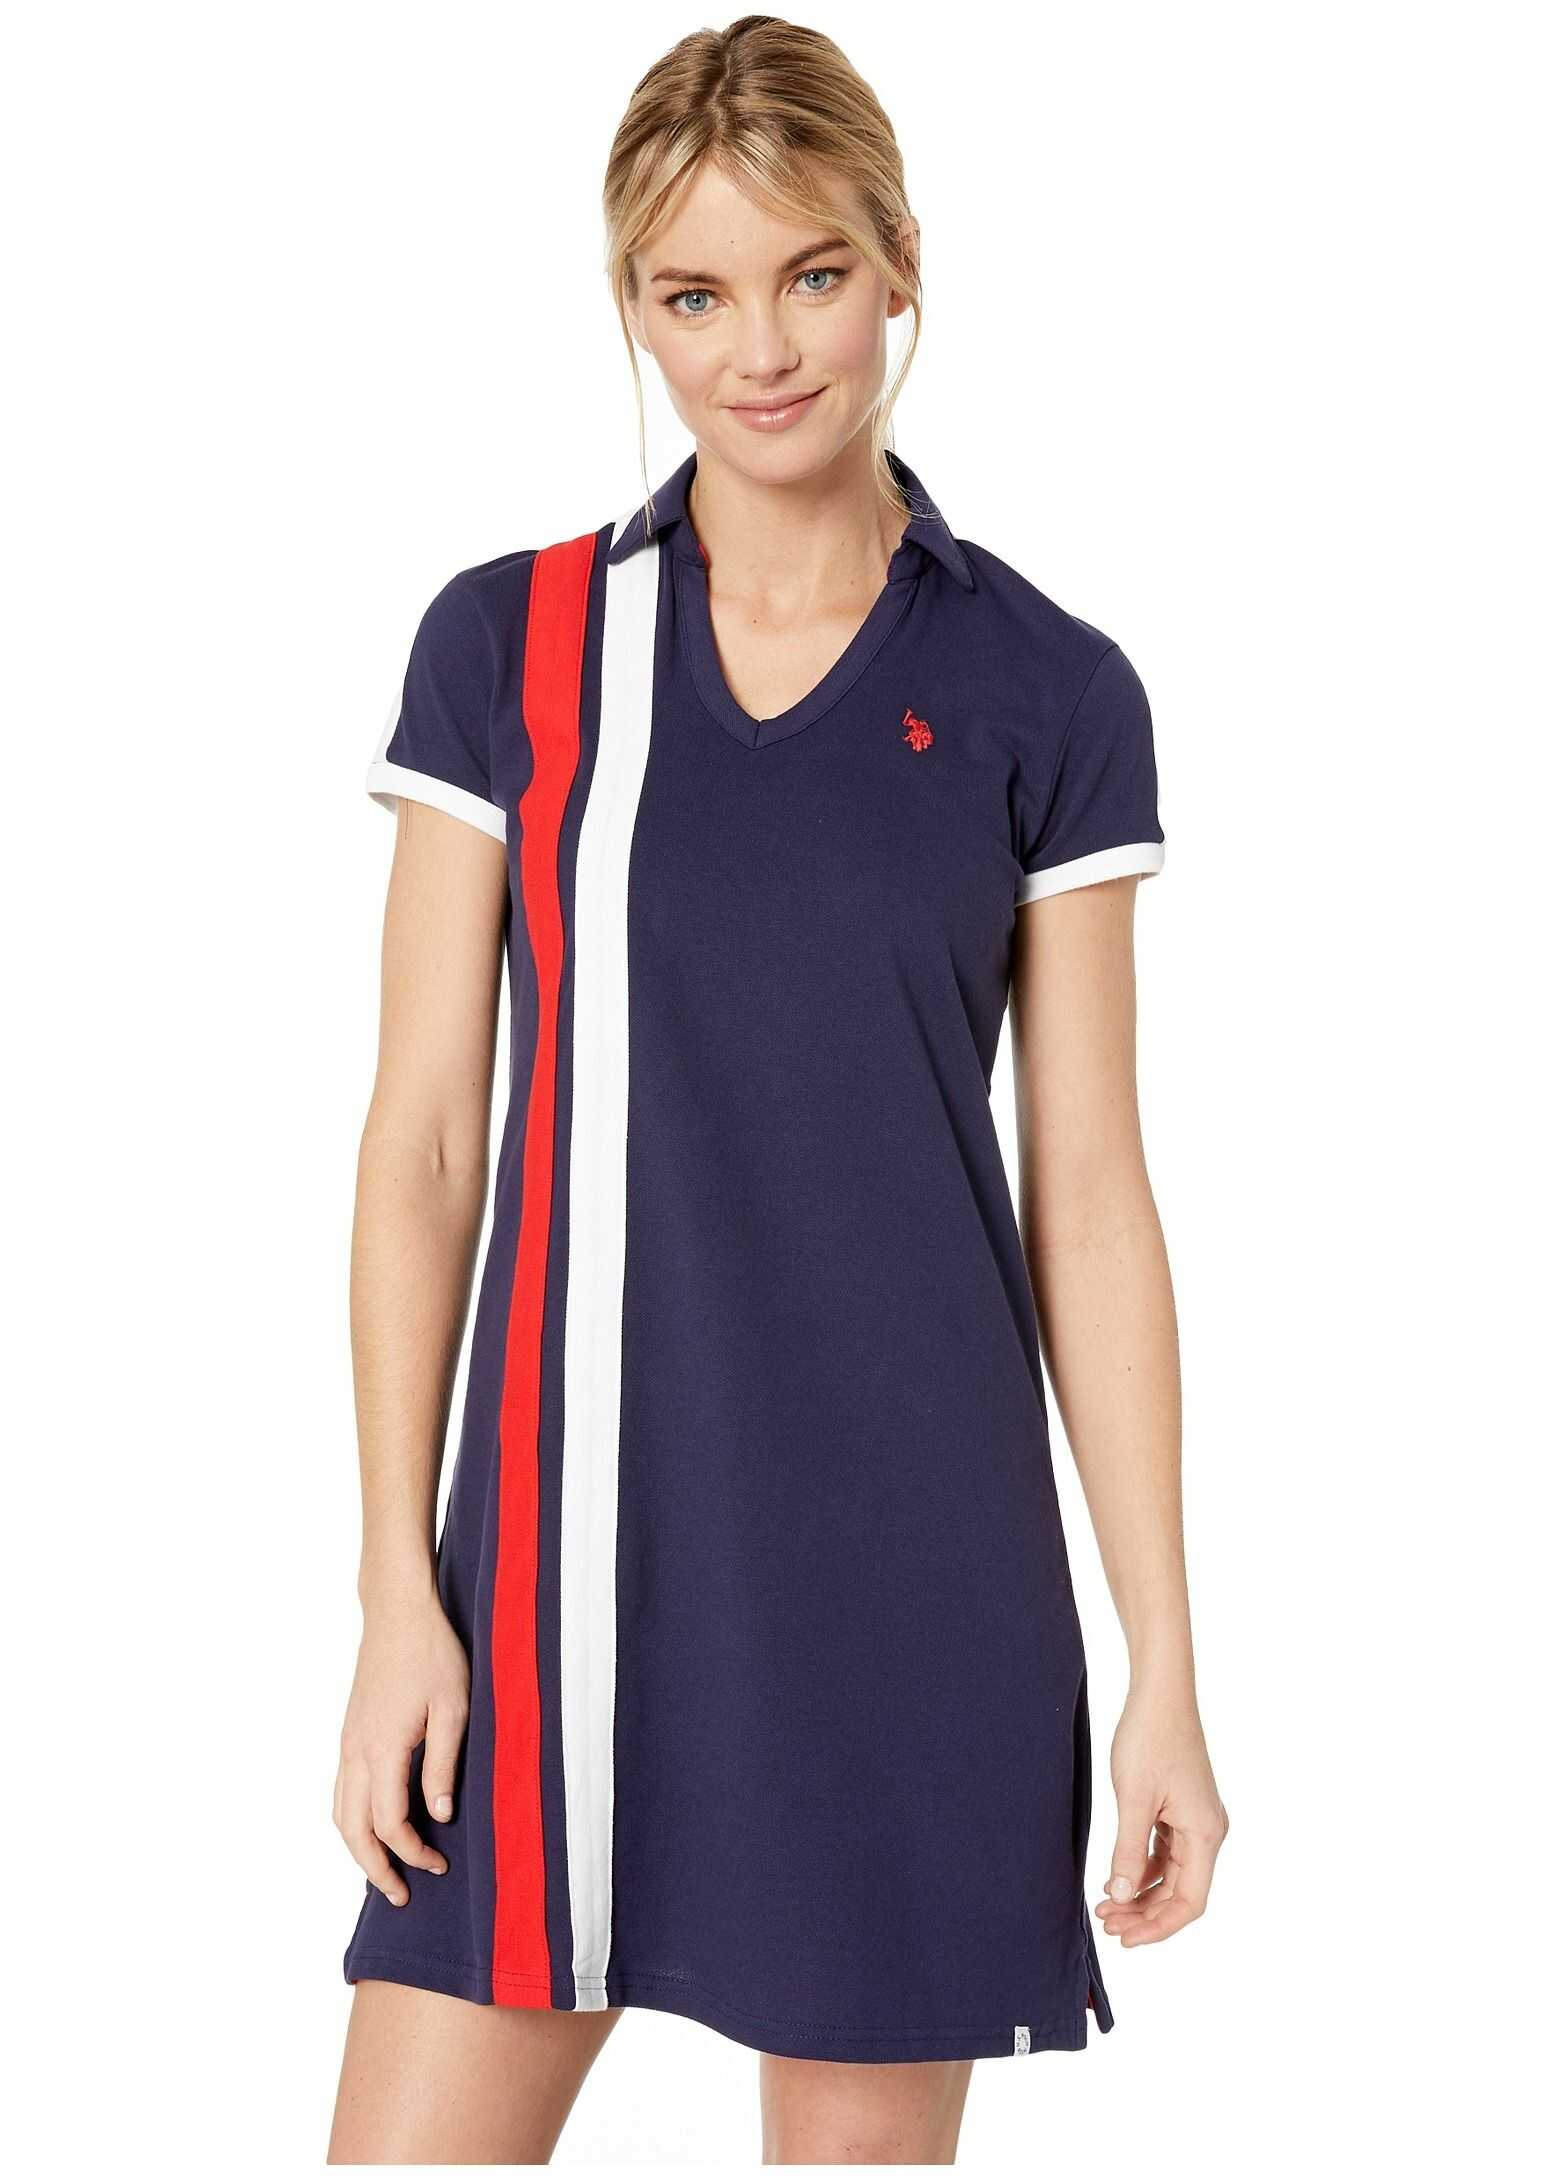 U.S. POLO ASSN. Vert Stripe Dress Evening Blue